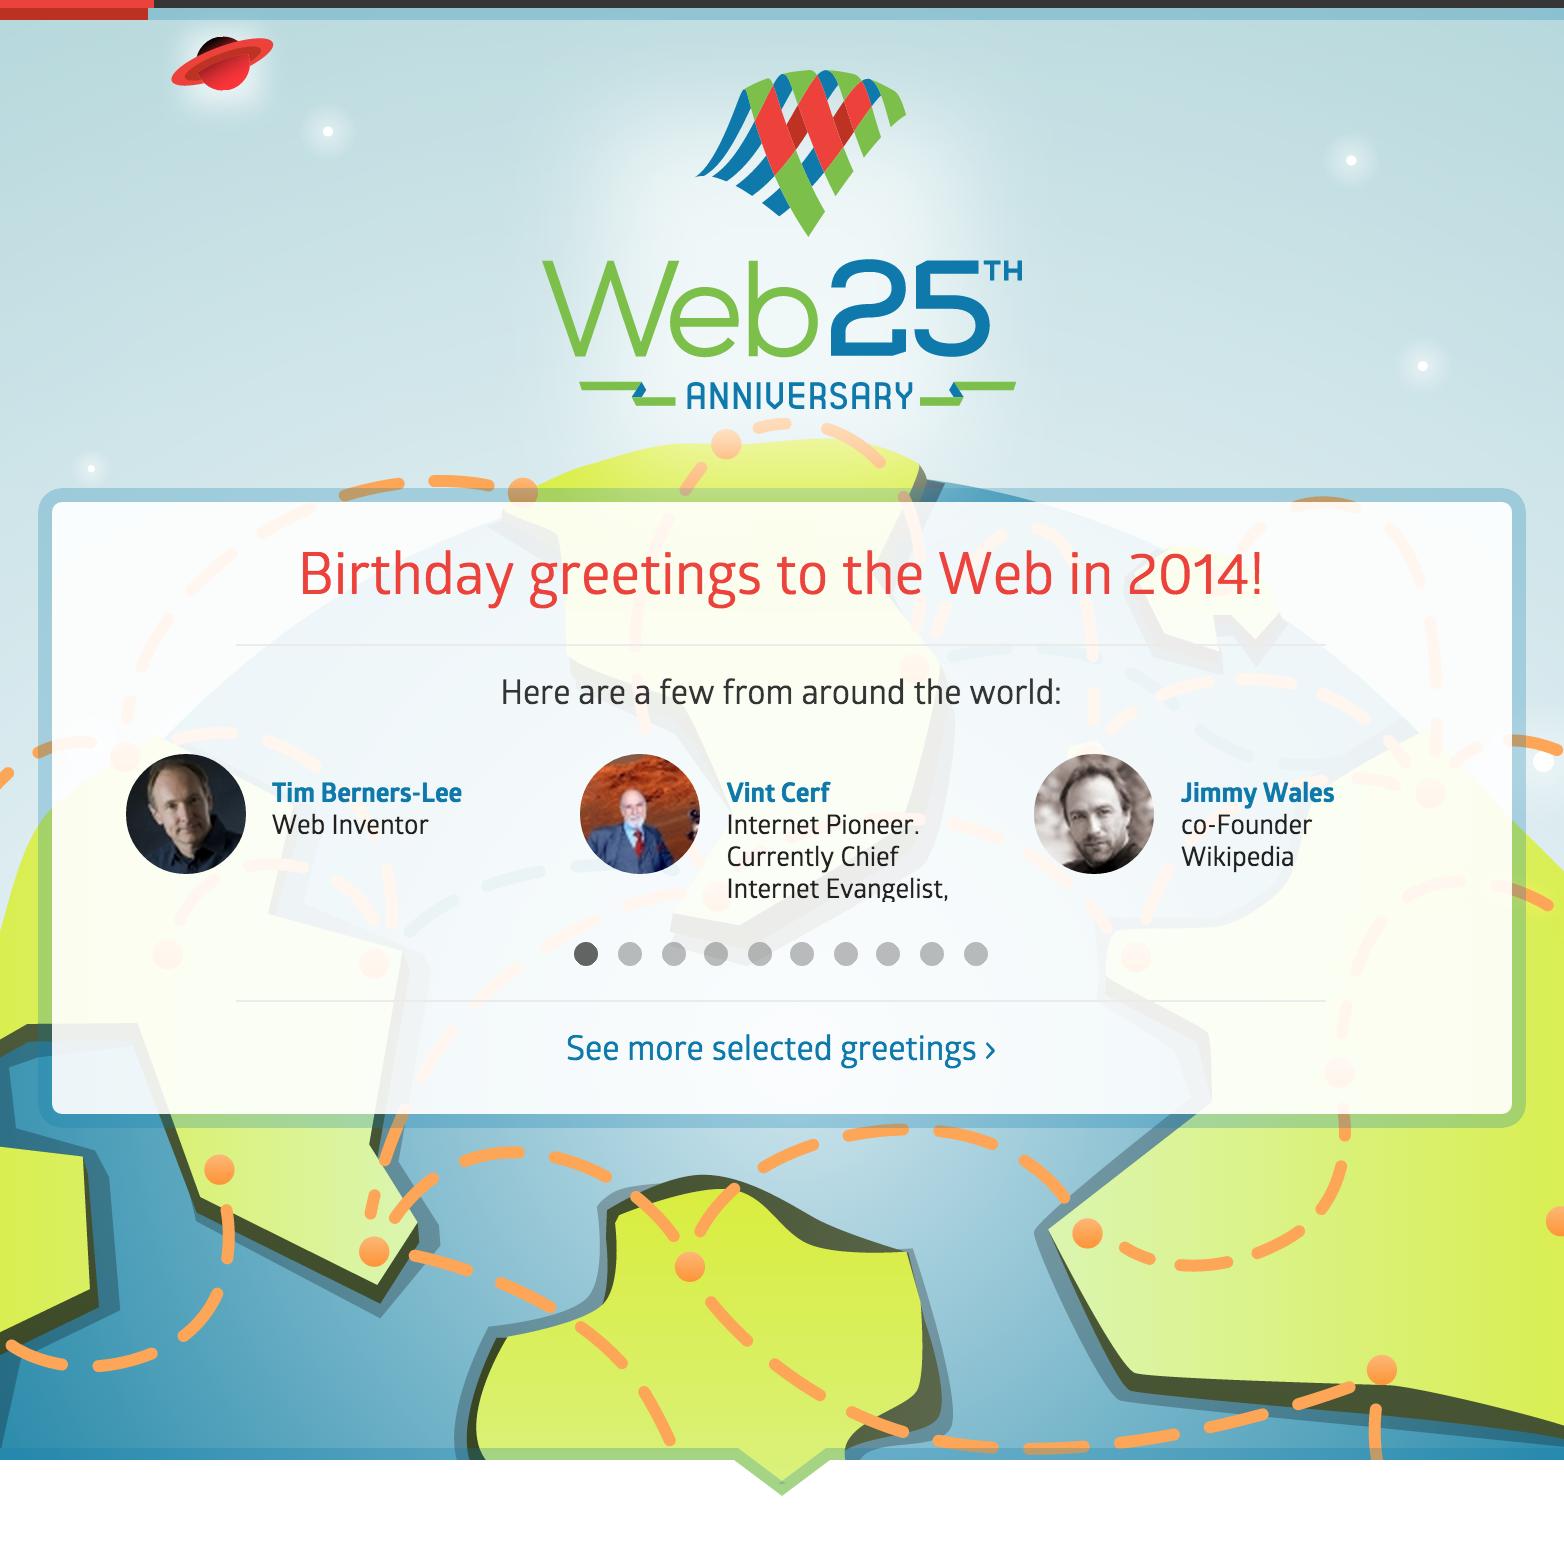 webat25-org-screen-capture